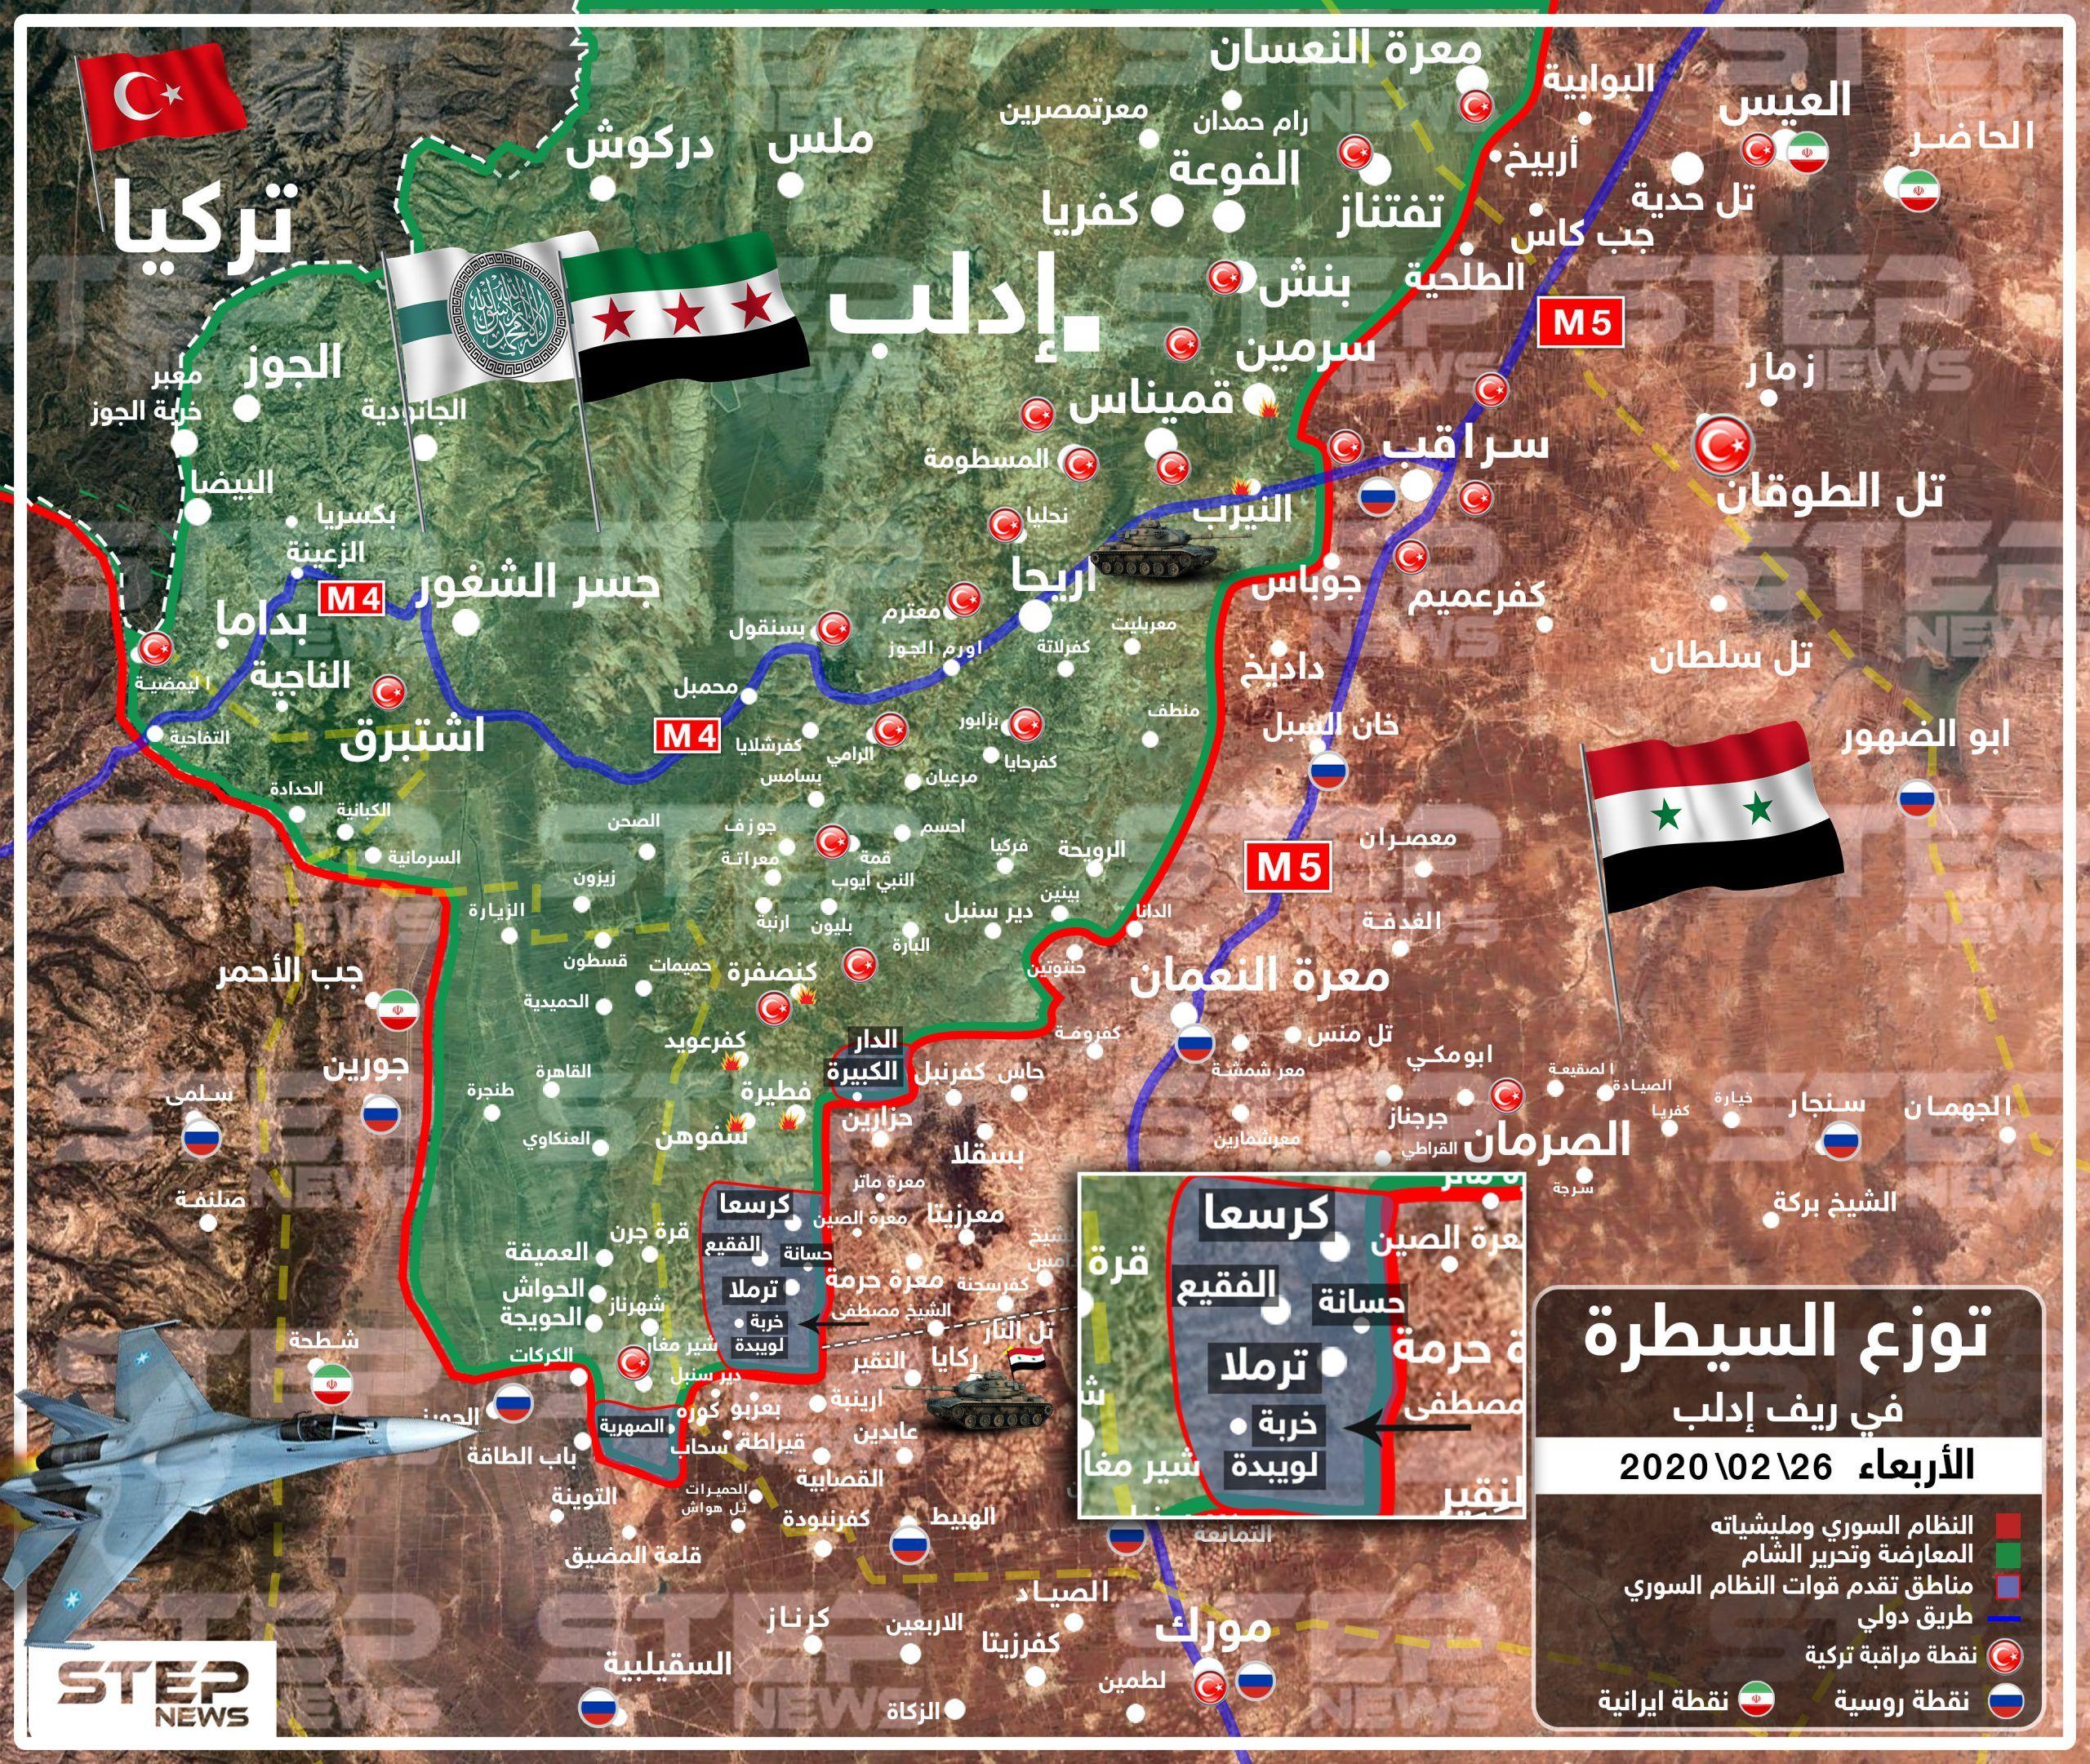 بالخريطة النظام السوري يتقدم بسرعة هائلة بريفي إدلب وحماة